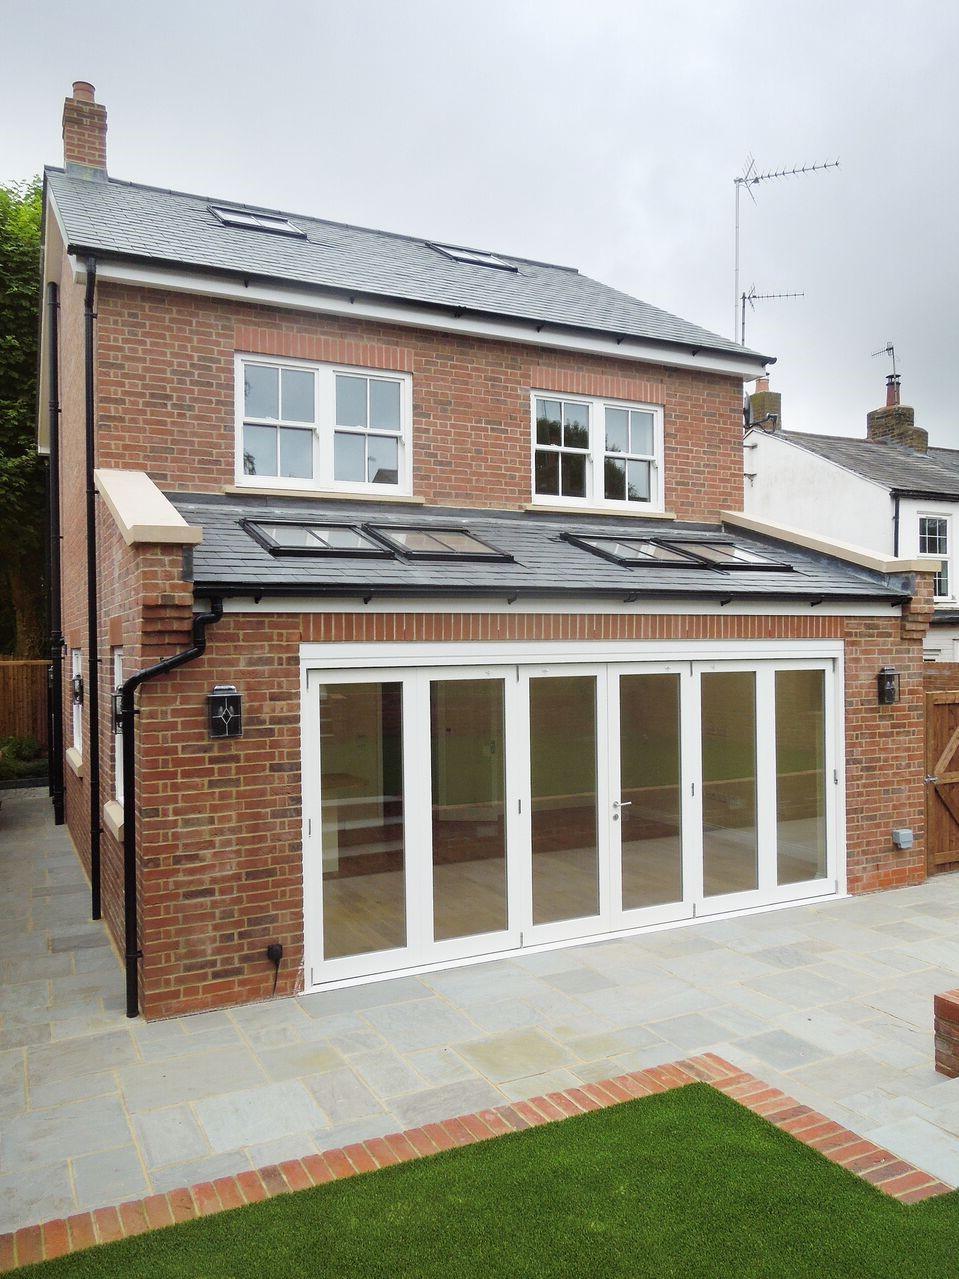 Dans les lignes suivantes, nous décrivons les différents types d'extensions de maison disponibles.